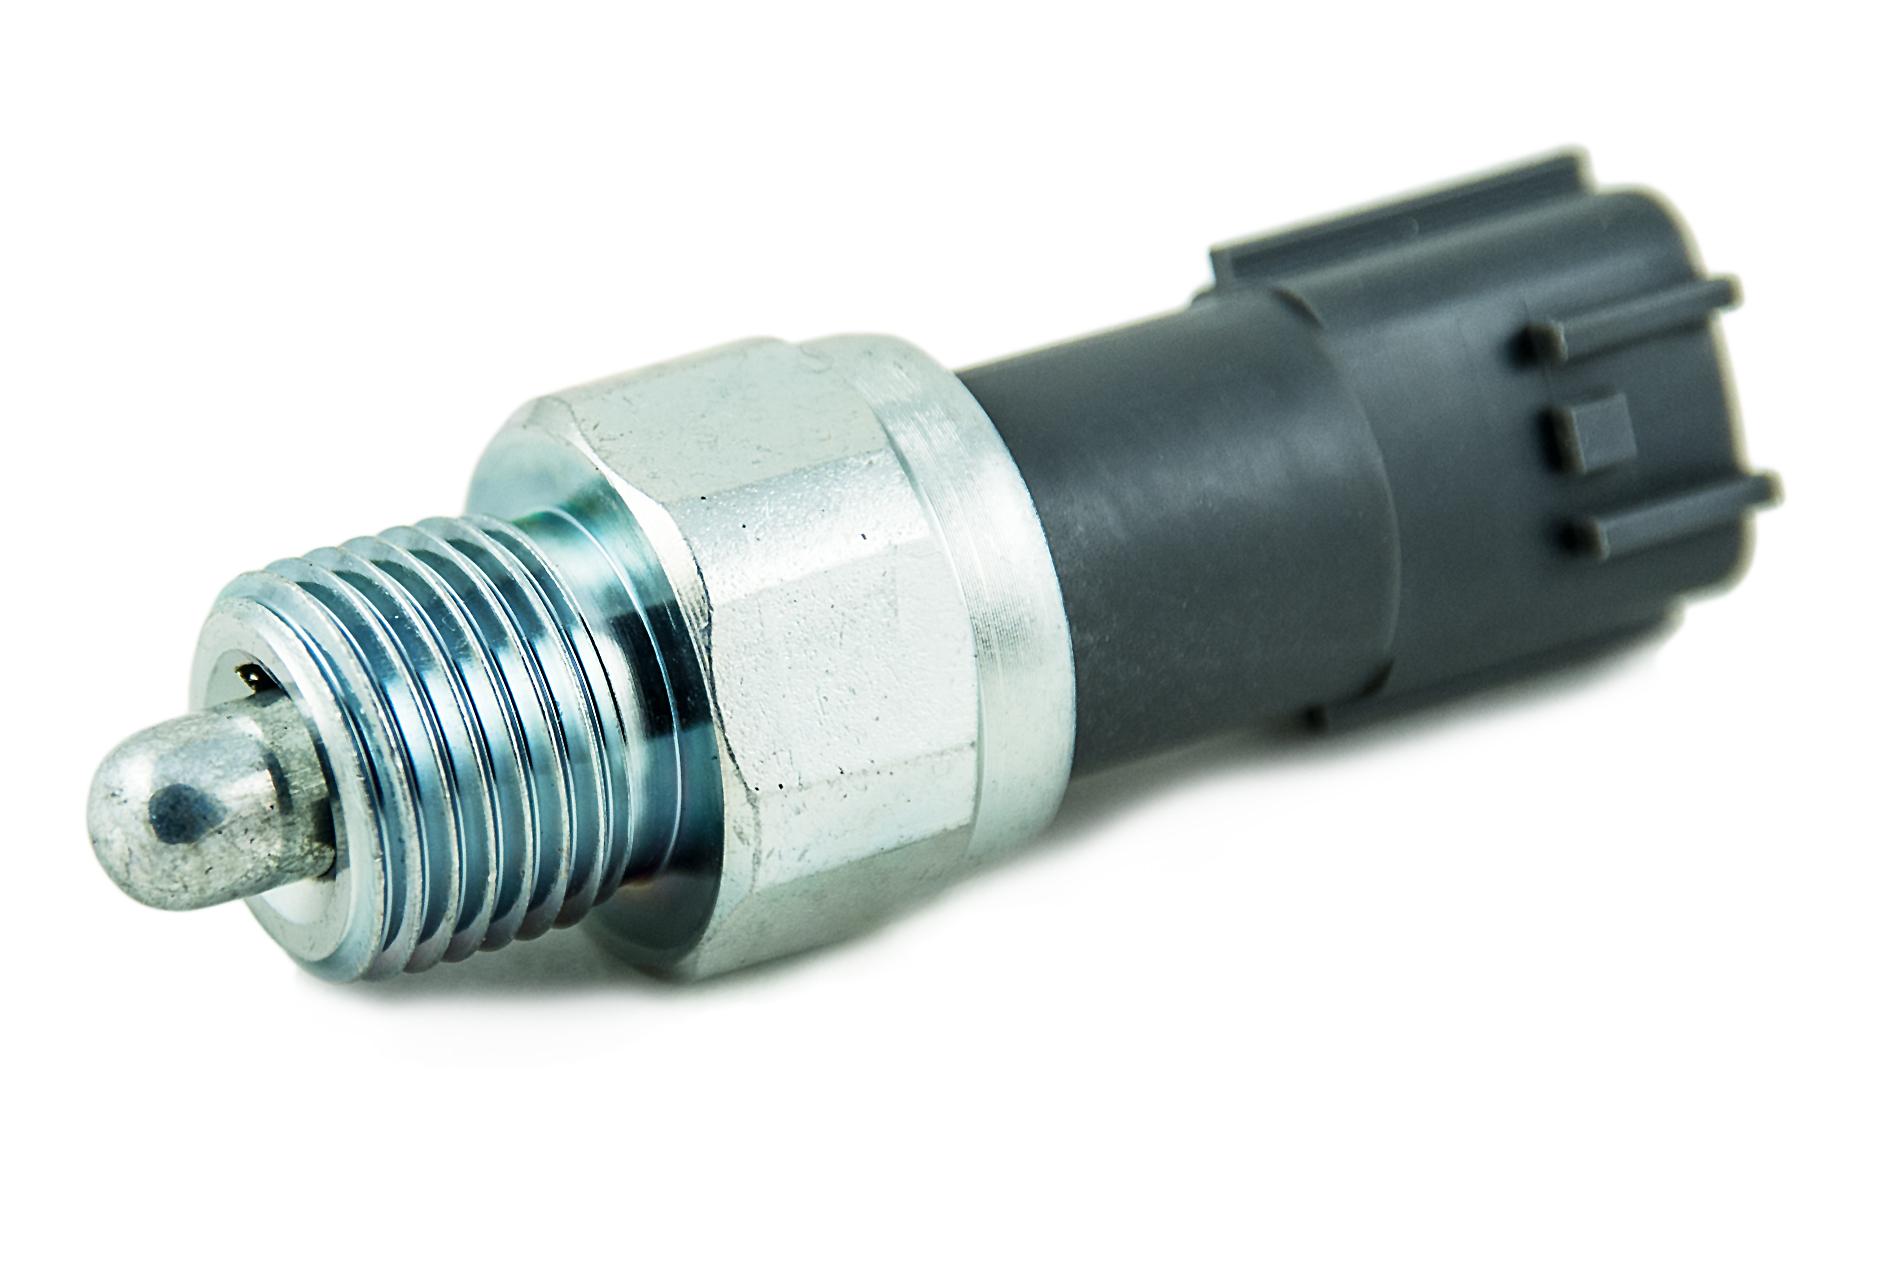 Nissan Genuine Navara Pathfinder Neutral Gearbox Gear Box Atp Switch Fuse 320057s11a 5055980151162 Ebay